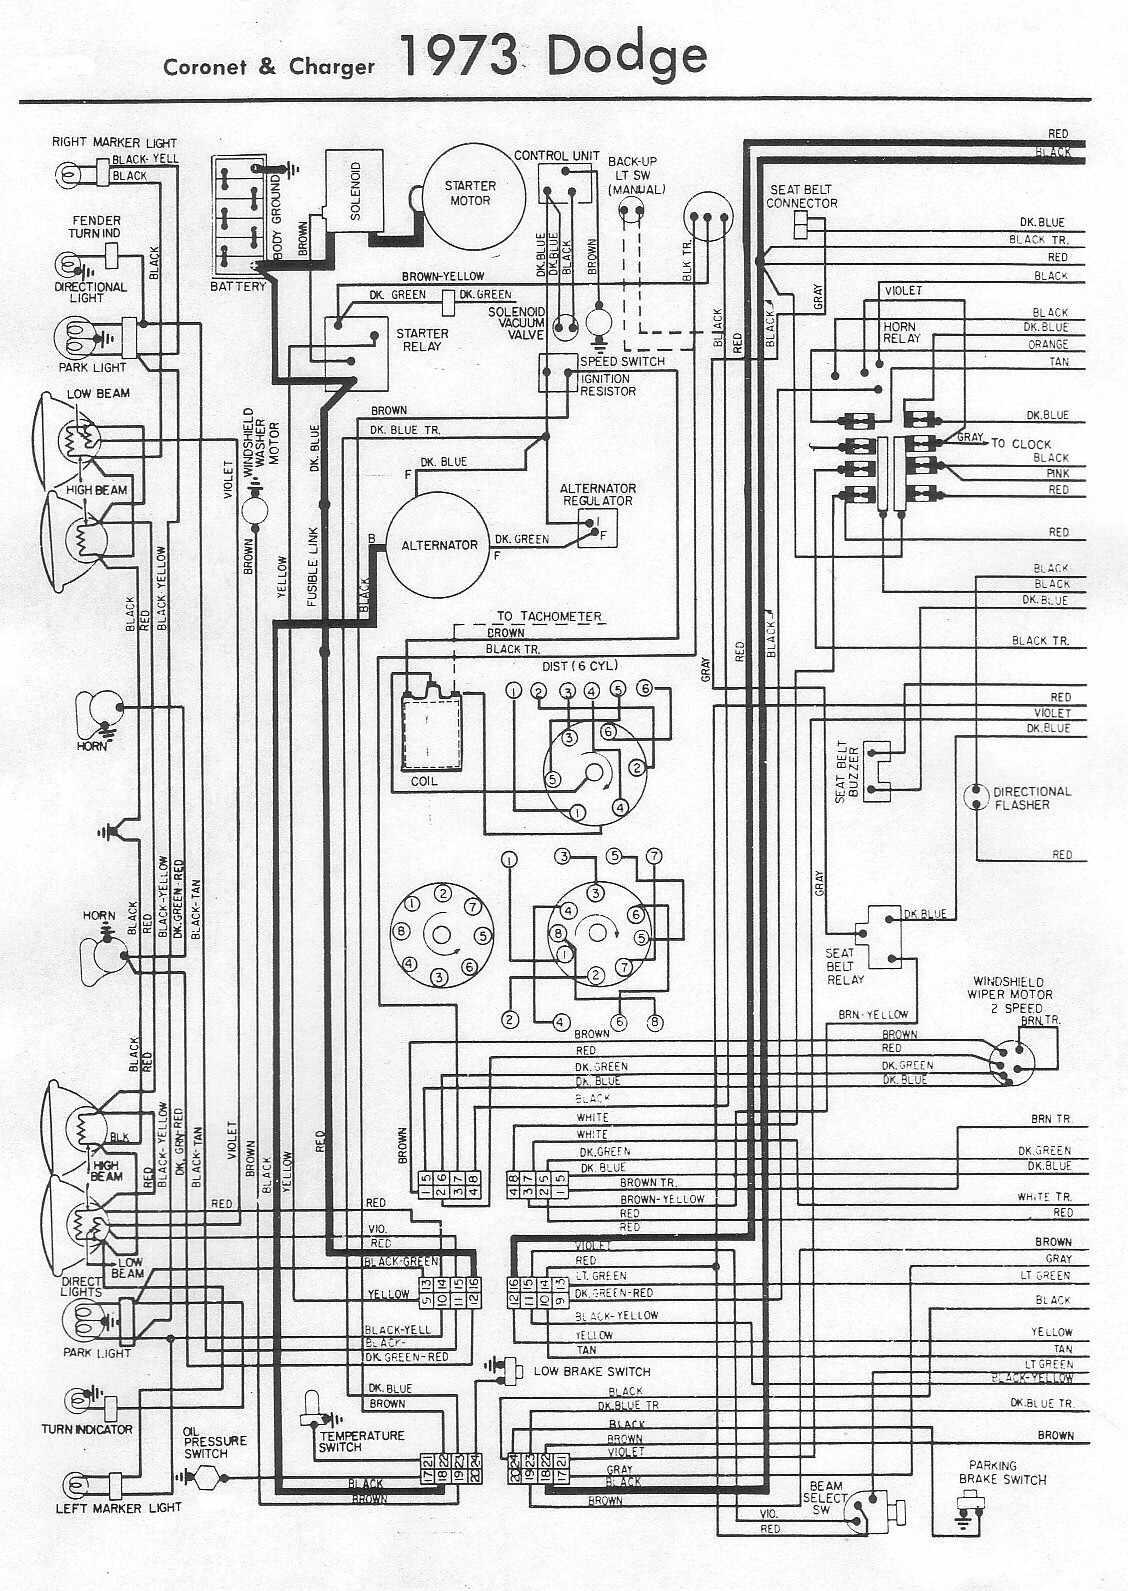 1973 dodge challenger wiring diagram somurich com 08 dodge charger wiring diagrams automotive dodge wiring diagram wires [ 1128 x 1591 Pixel ]